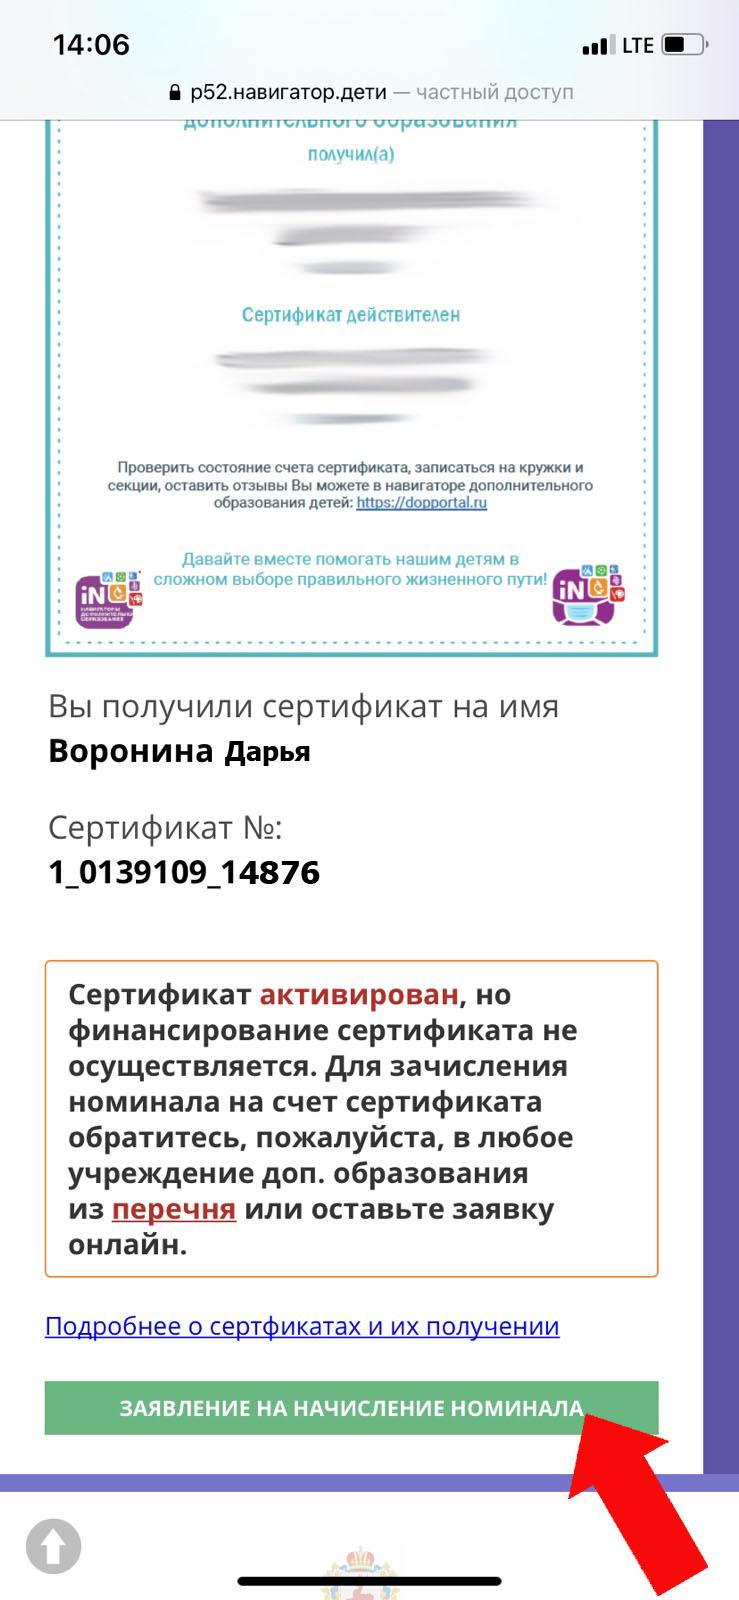 http://cdt-leninskii.ucoz.net/ART-DESIGN/shag_6.jpg